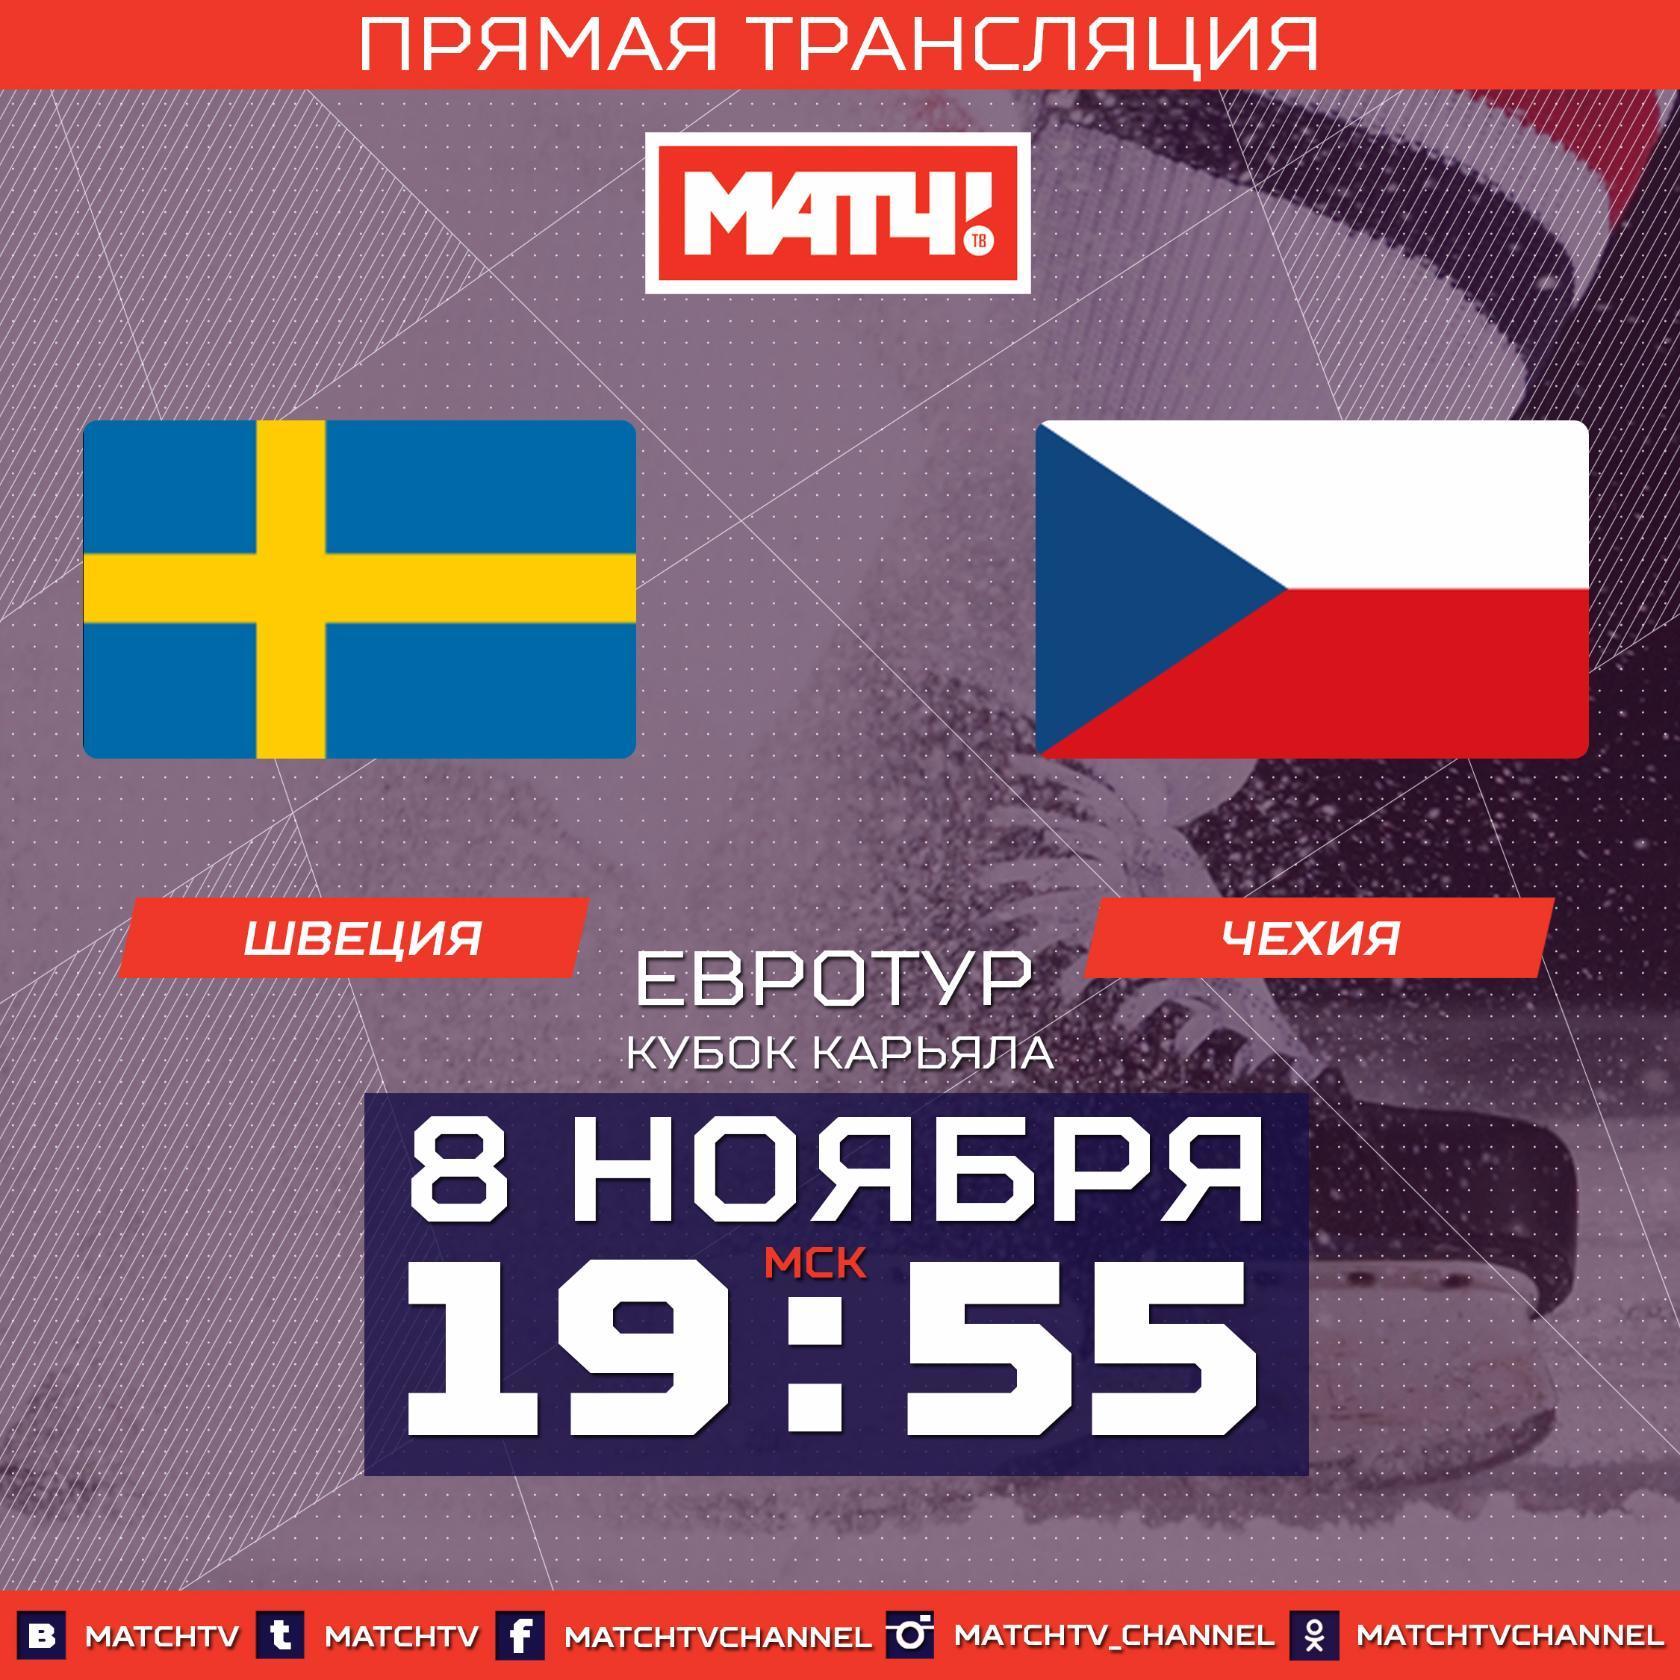 Швеция чехия прямая трансляция